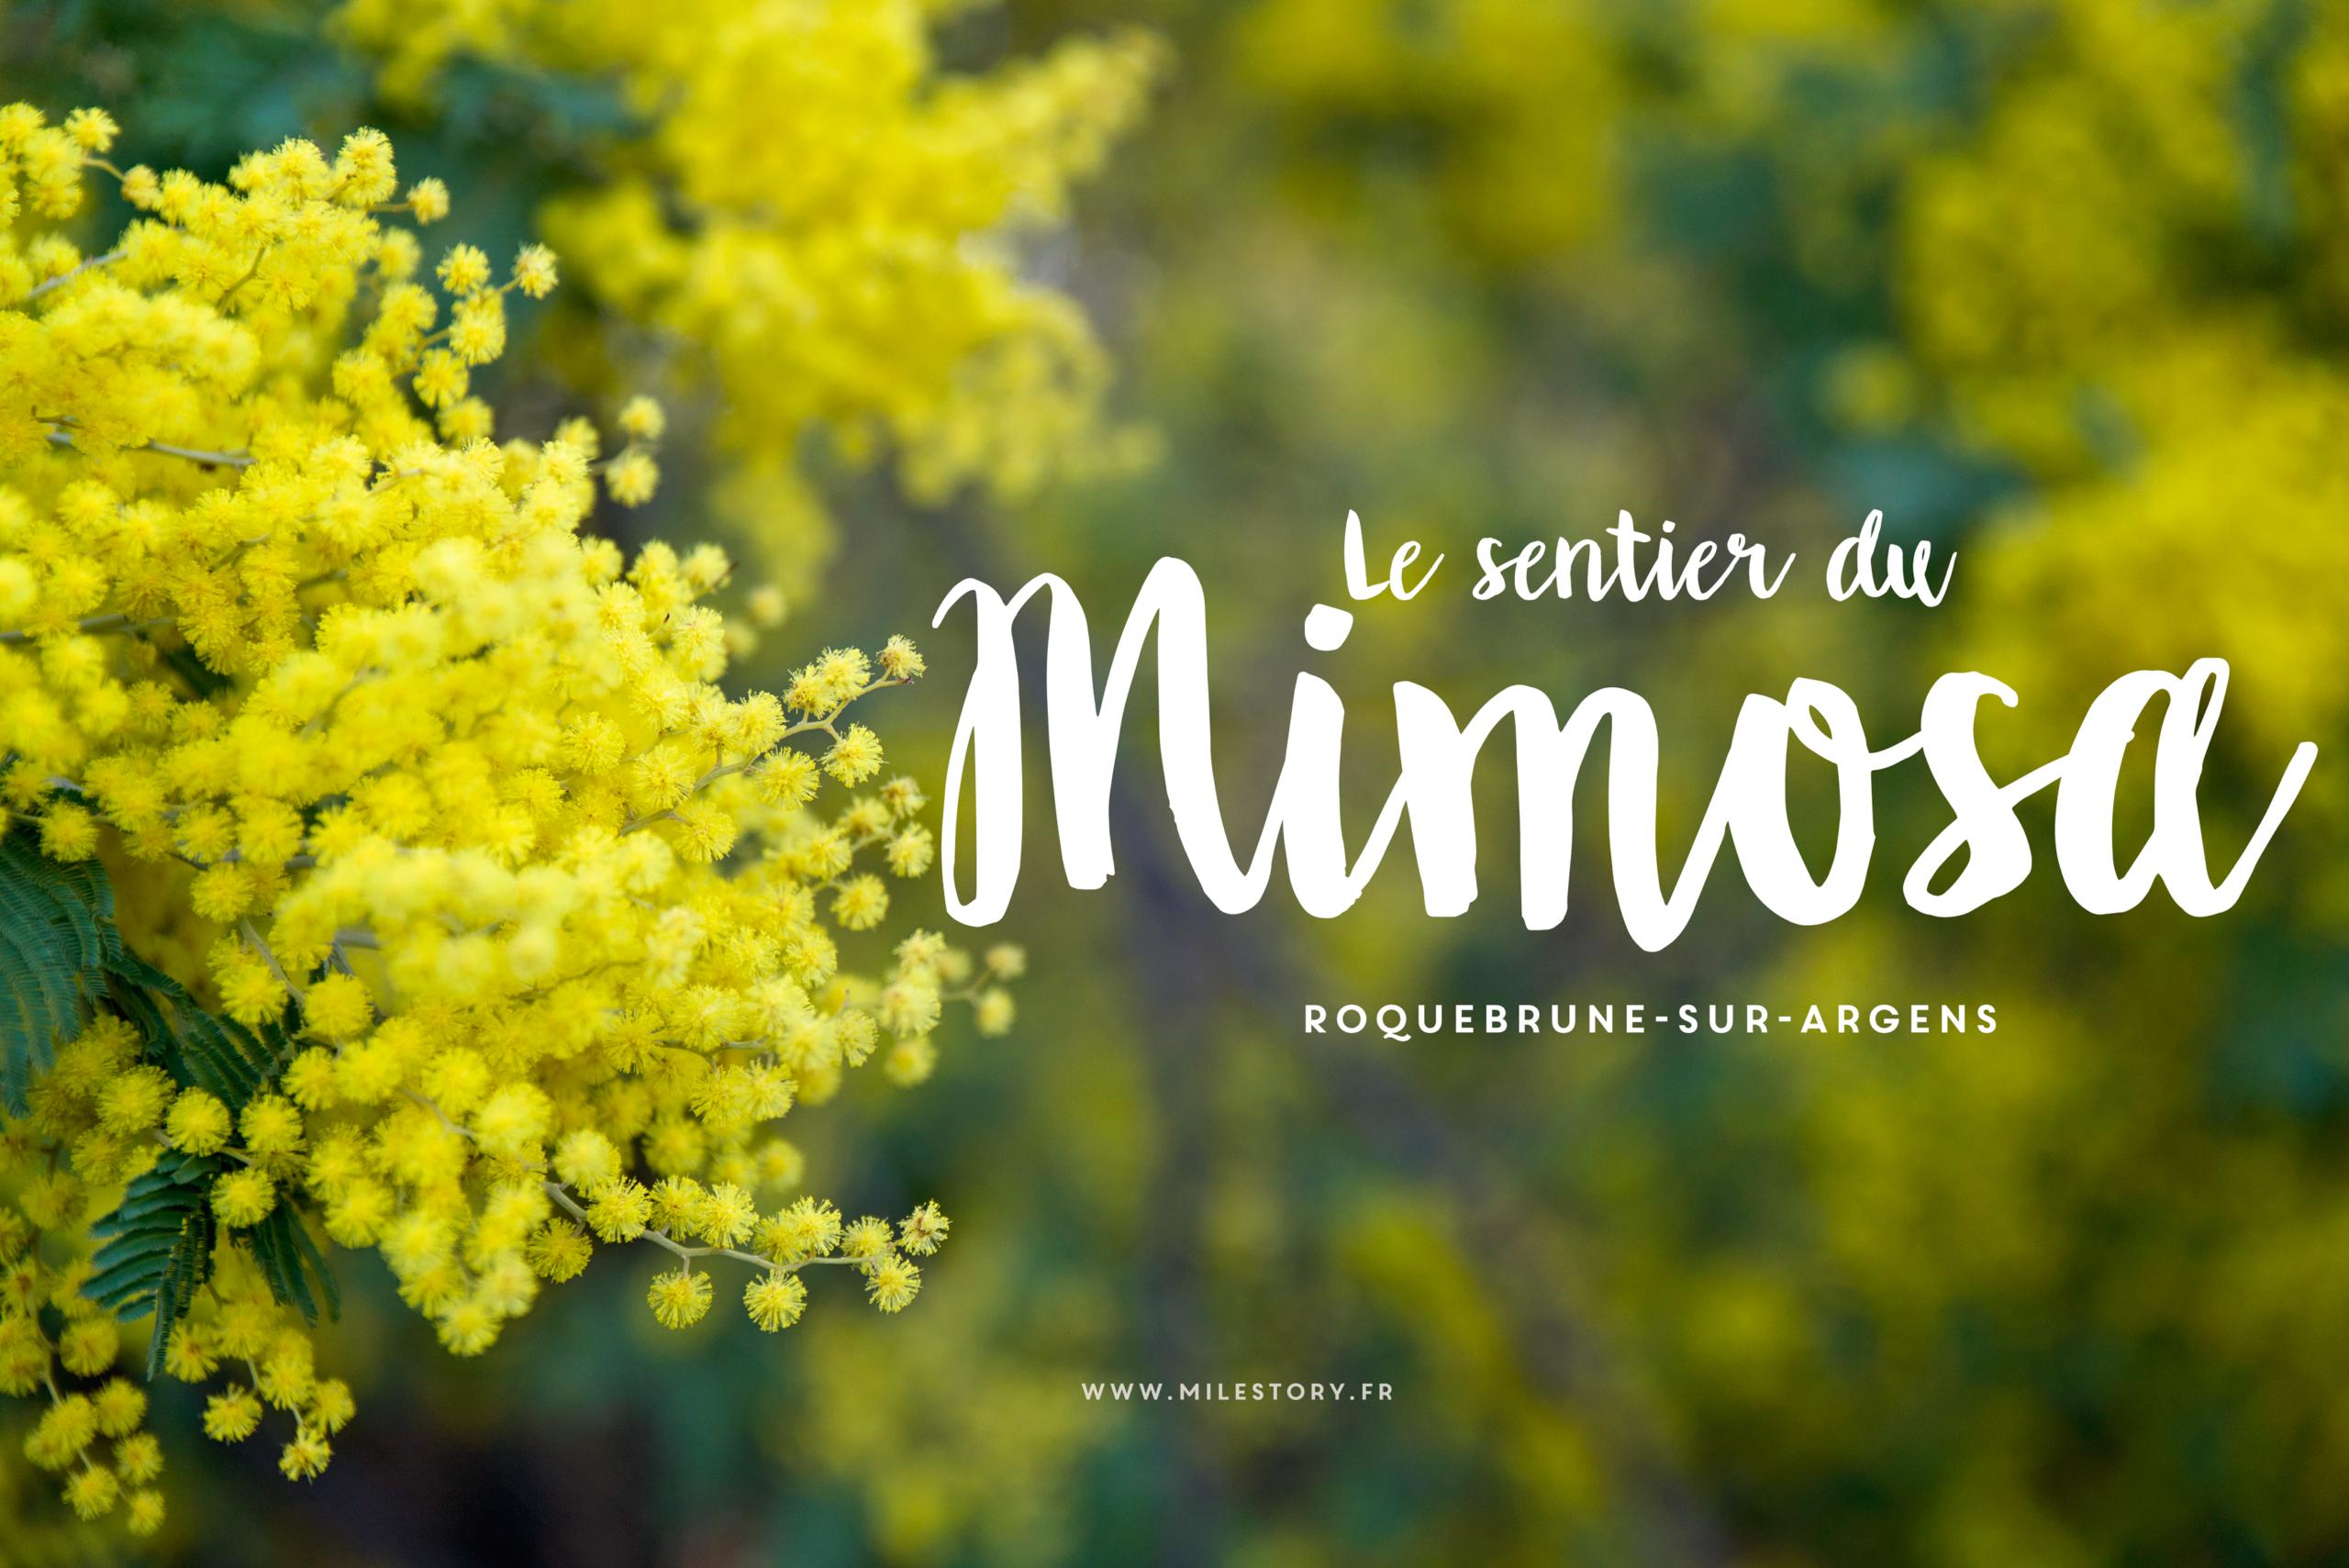 Randonnée sentier du Mimosa à Roquebrune-sur-Argens